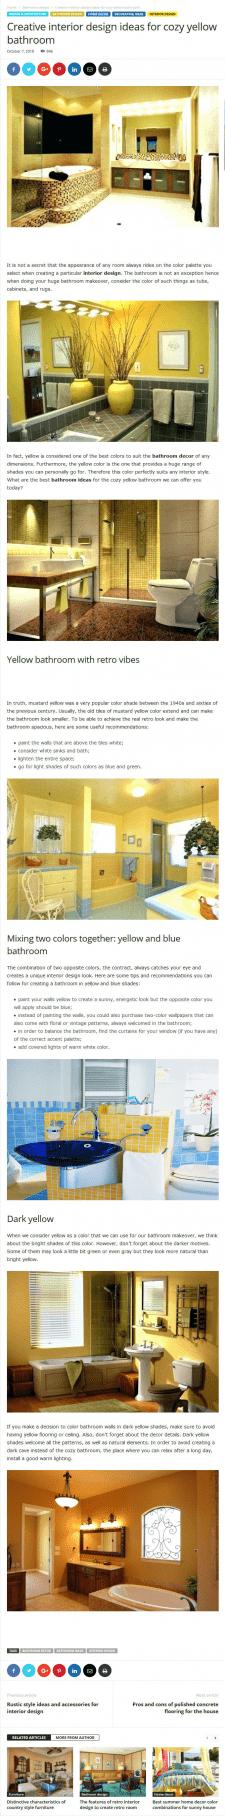 Статья на англ. яз. Дизайн интерьера в желтых тона